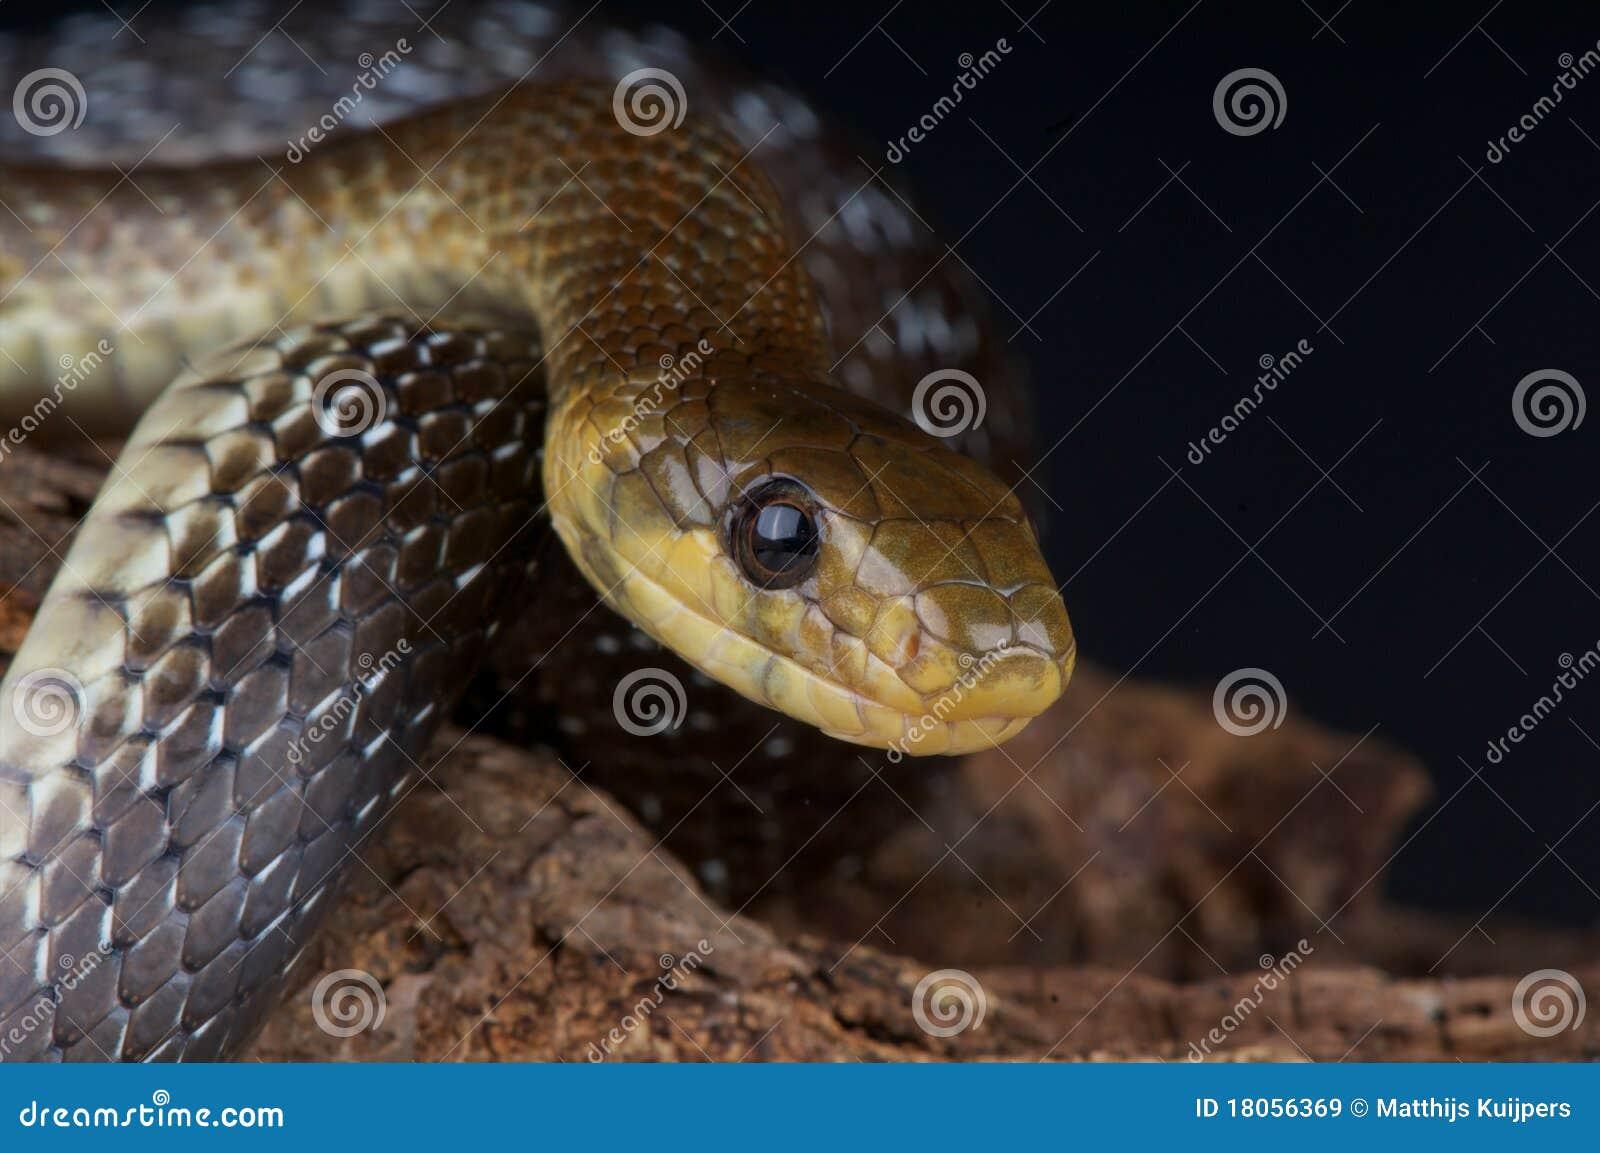 Serpent Aesculapian